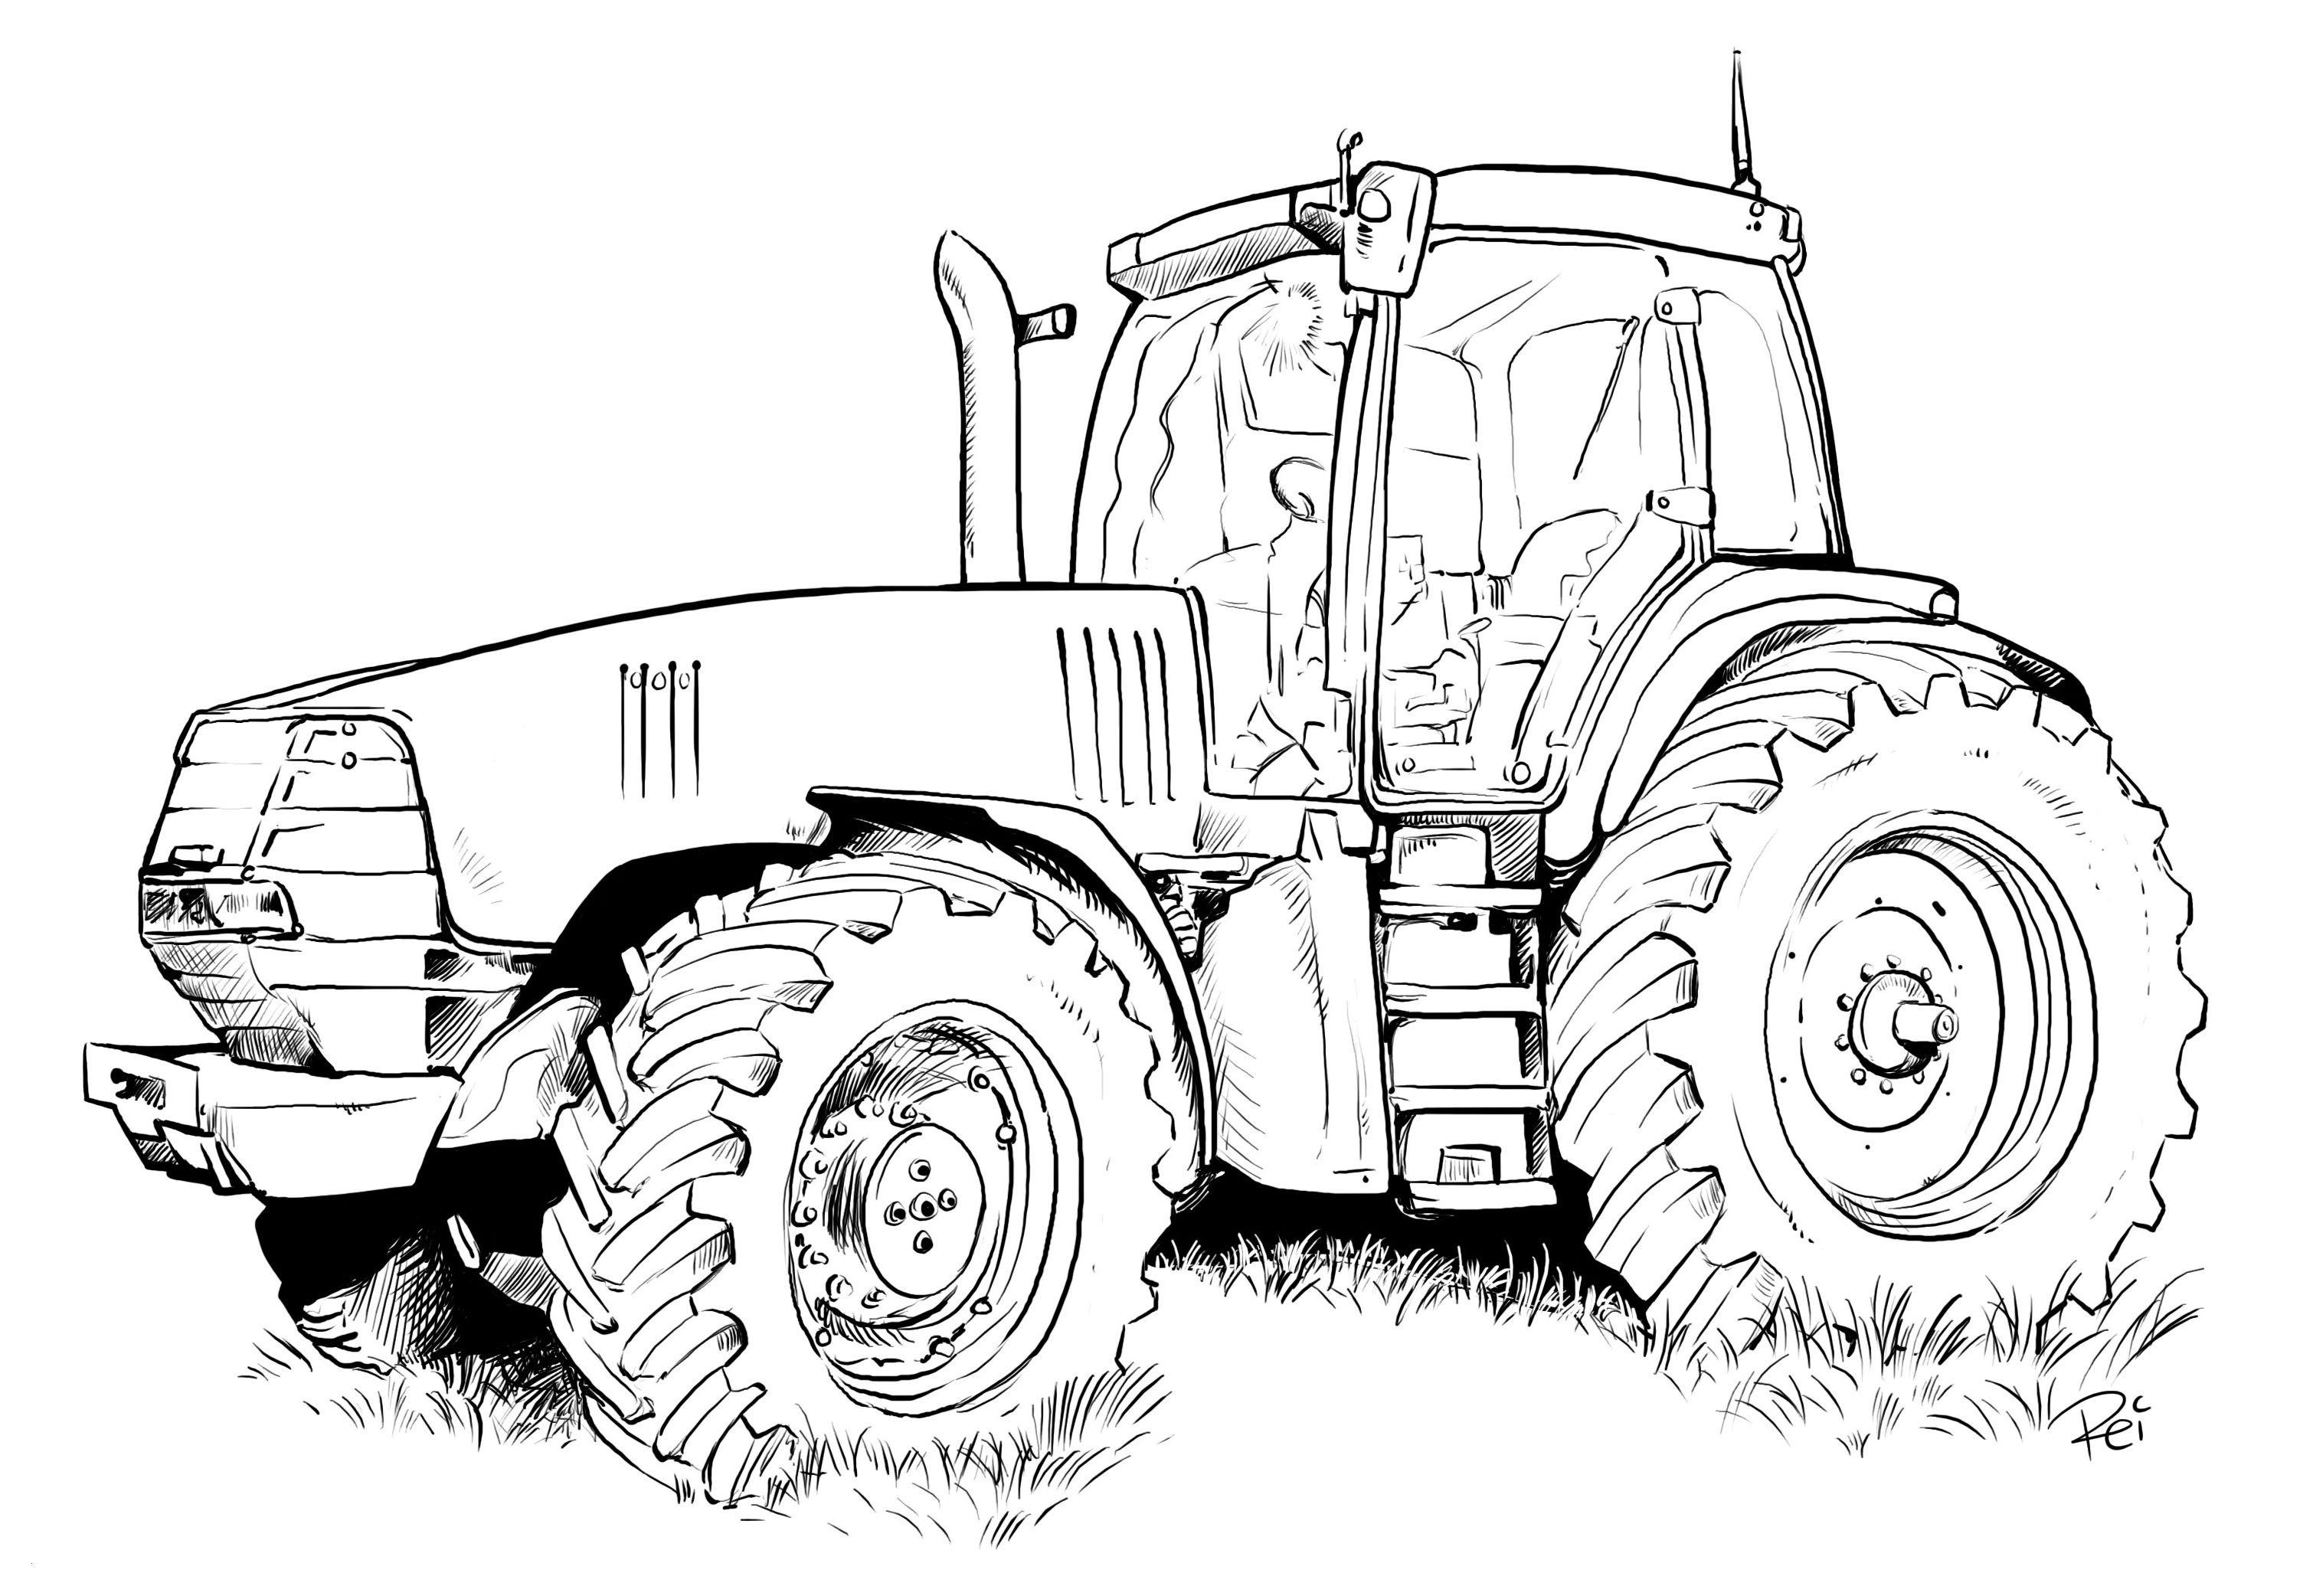 Malvorlagen Monster High Genial Traktoren Bilder Zum Ausmalen Bauernhof Inspirierend Ausmalbilder Fotos